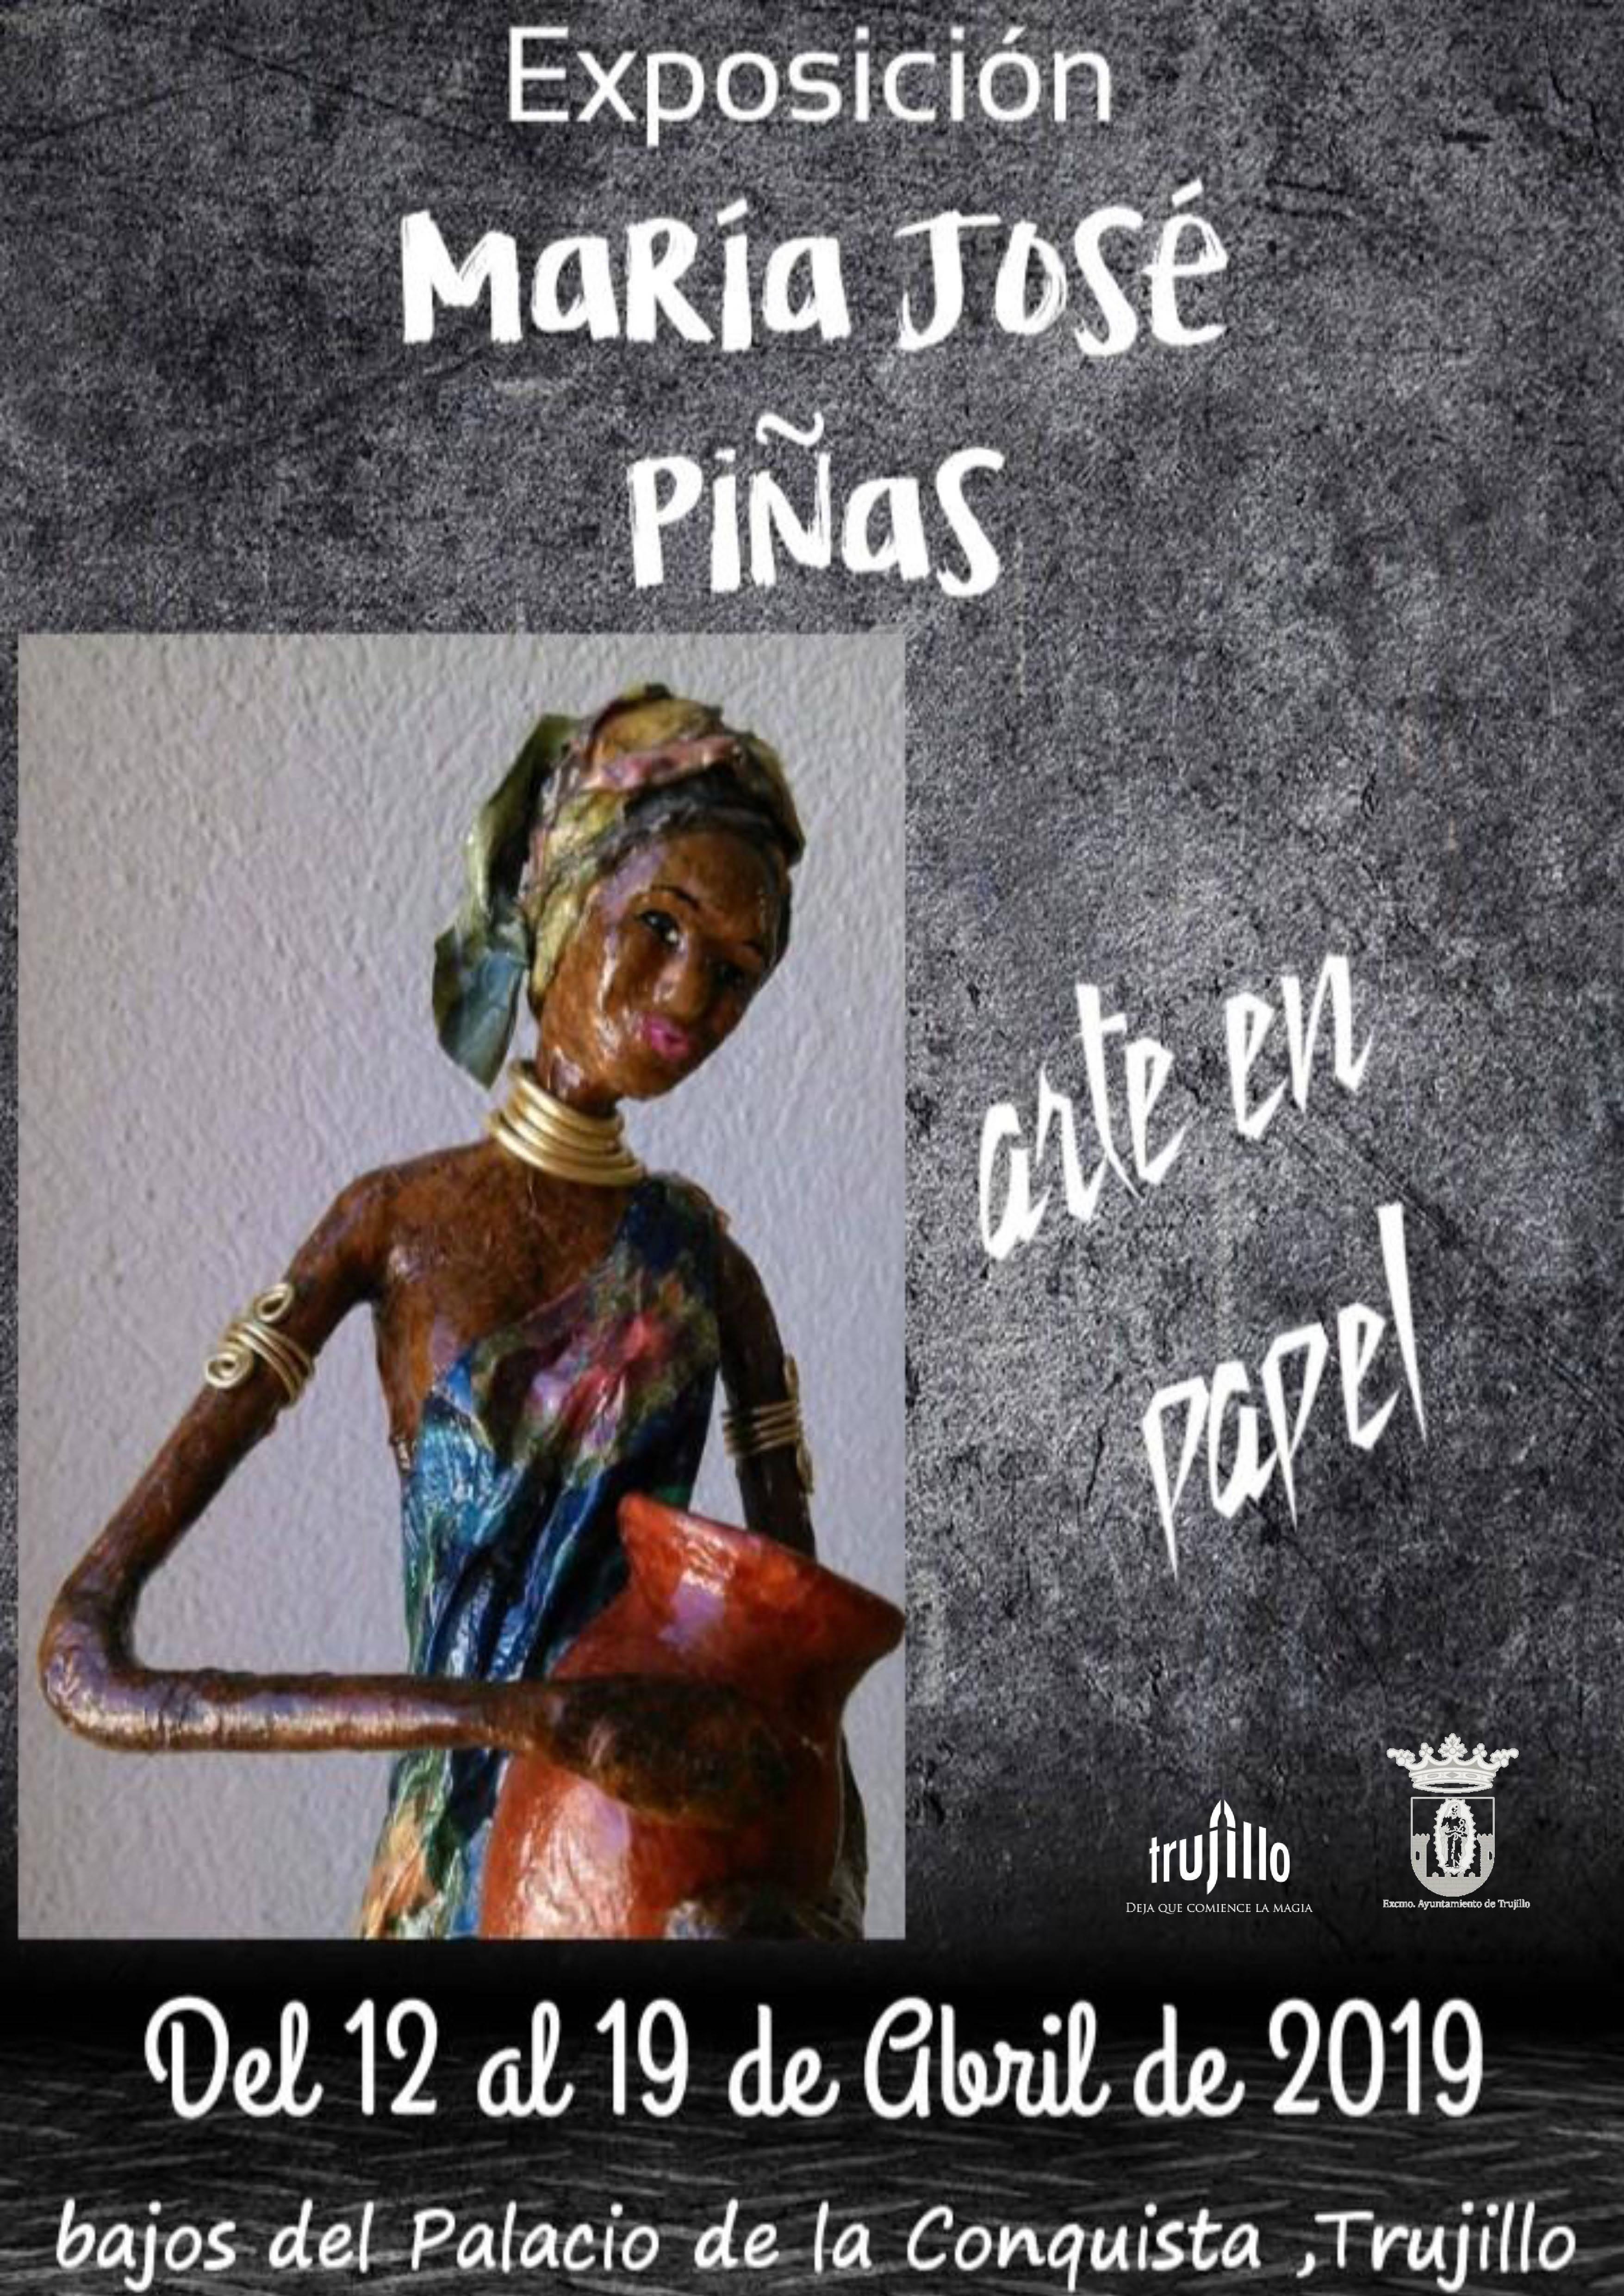 Exposición de María José Piñas 2019 - Trujillo (Cáceres)